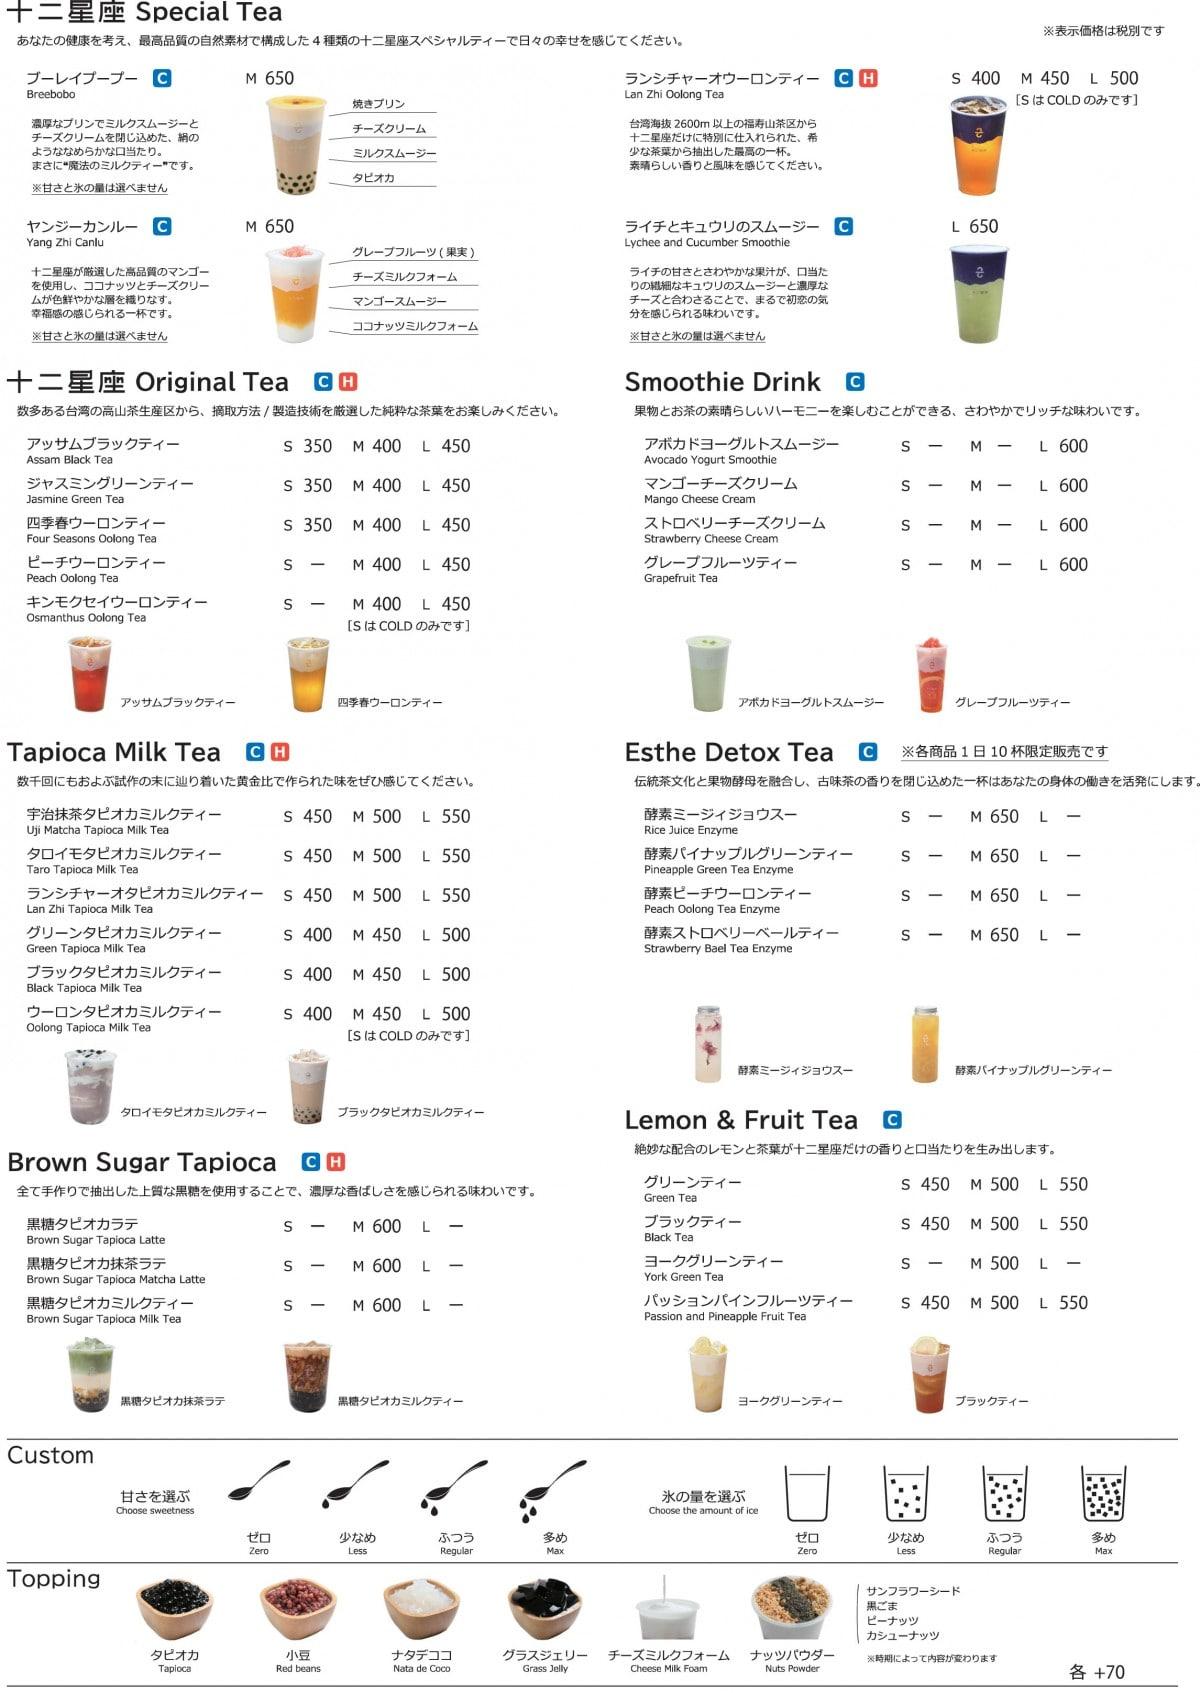 高円寺に星座モチーフの中国茶ティースタンド タピオカやスムージーも ...